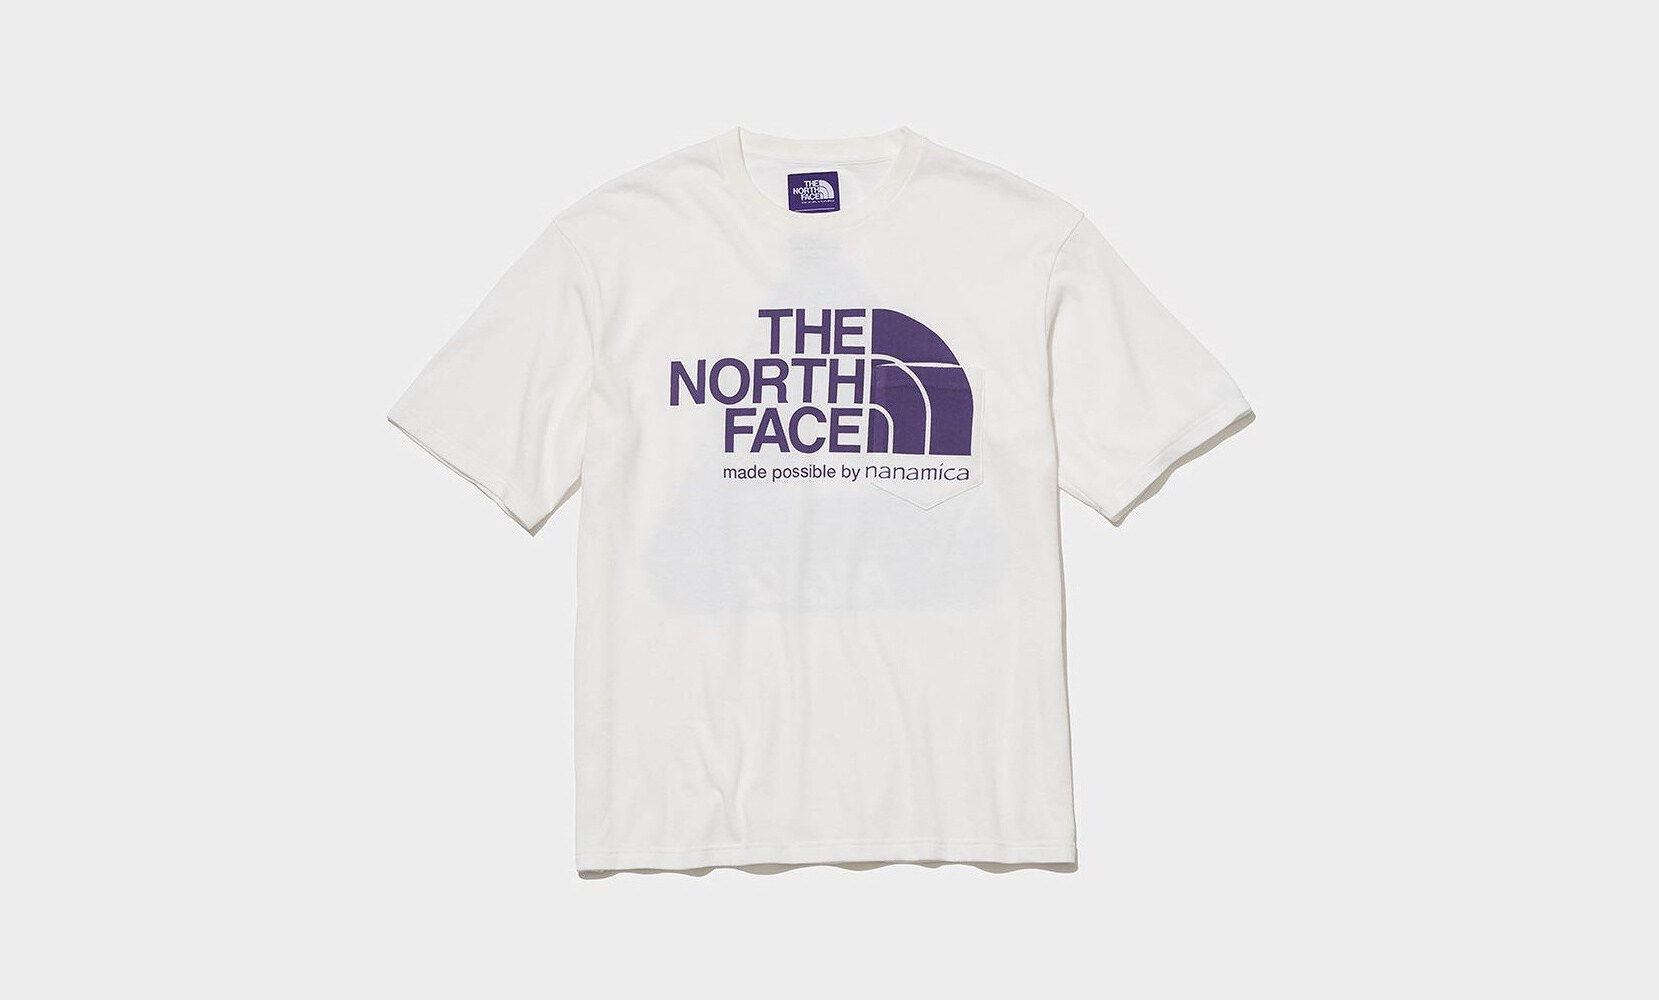 Palace x The North Face u201cPurple Labelu201d